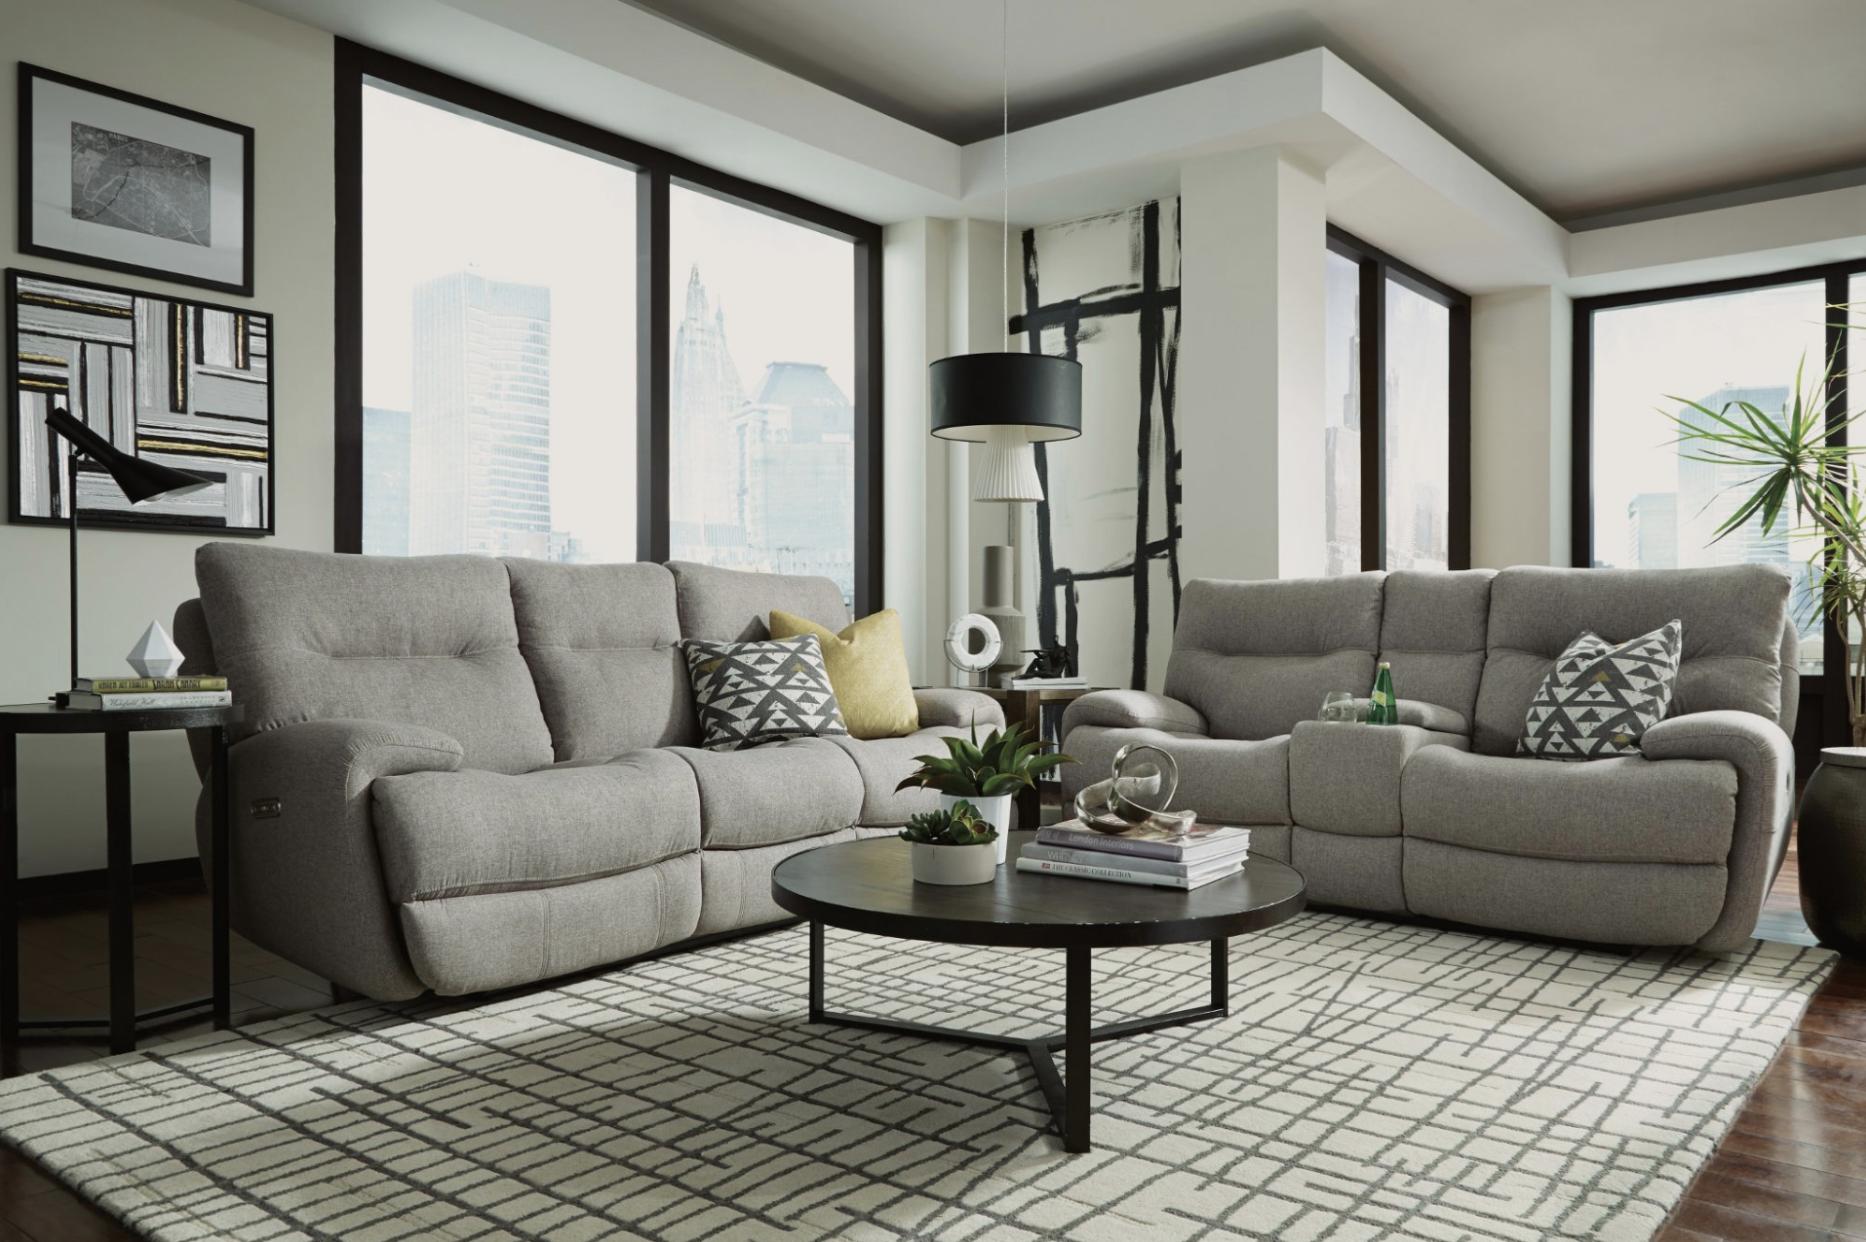 Flexsteel Gray Sofas